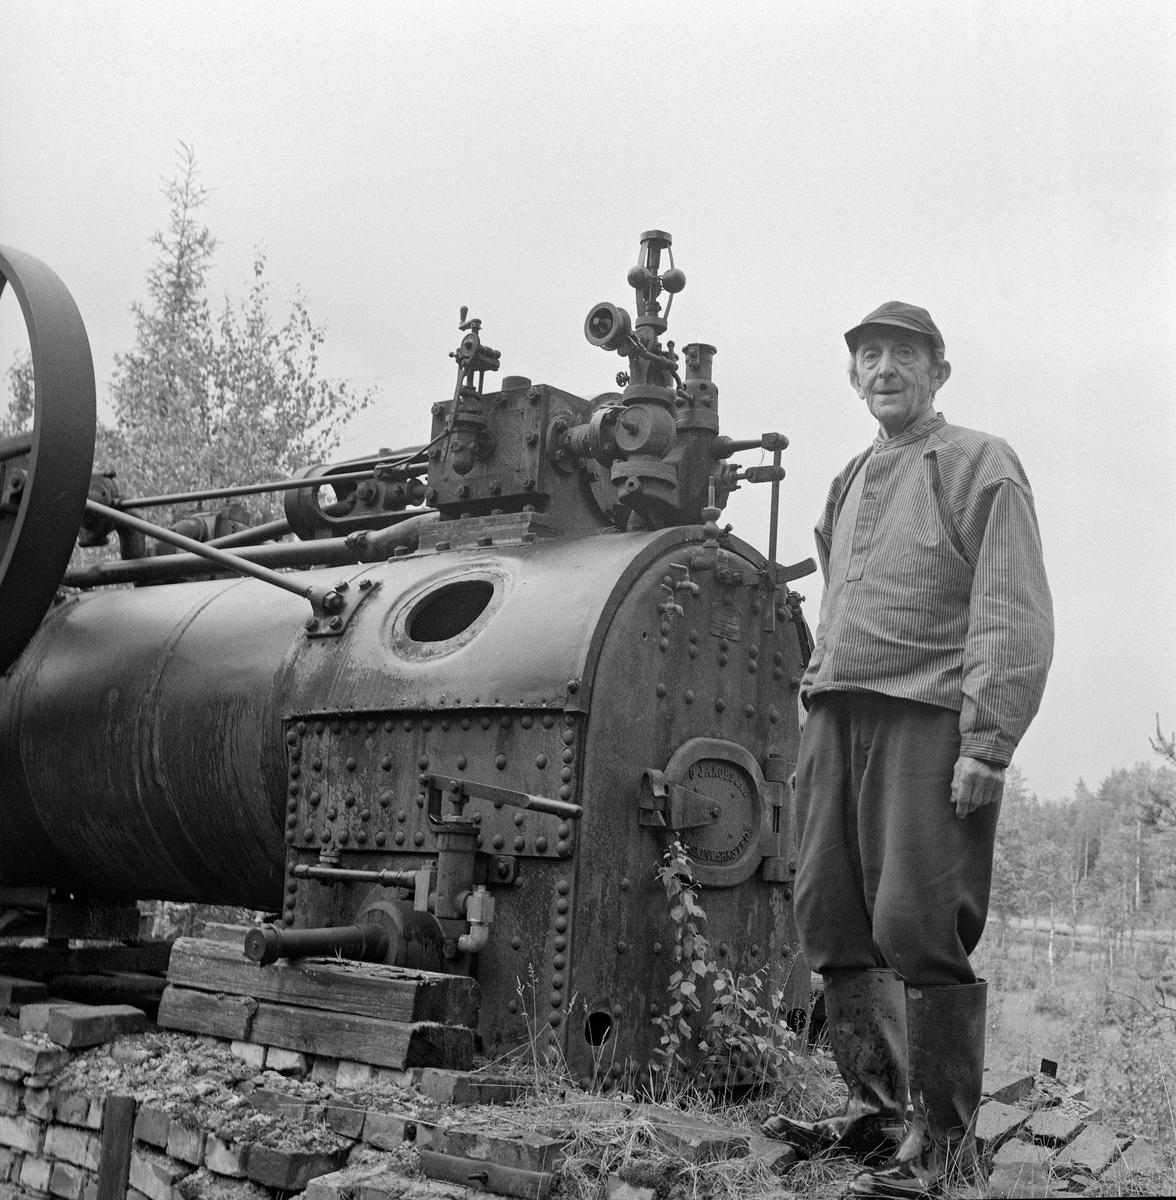 Dampmaskin, levert av O. Jakobsons maskinverksted i Kristiania, brukt på et sagbruk i Eidskog.  Her stod den ved en myrkant, delvis på et underlag av krysslagte bjelker, dels på en teglsteinsmurt oven som var bygd etter et prinsipp som var utviklet av Lauritz Sæthern (1866-1935) i Eidskog.  På dette bildet ser vi grunneier Harry Pramhus (1891-1973) posere framfor lokomobilen.  Ole Jakobson var husmannssønn fra Hedmarken.  Han fikk bare folkeskoleutdanning, men som ung voksen fikk han stillingen som pedell ved Katedralskolen i hovedstaden.  Der skal han ha fått muligheter for å lære.  Det var særlig tekniske fag som interesserte Jakobson, og i 1845 startet han sitt eget verksted.  Der produserte han blant annet maskiner for landbruket, som han kjente godt fra sitt eget oppvekstmiljø.  Etter Jakobsons død ble virksomheten overtatt av sønnen, som hadde fått reise til USA for å ta den formelle utdanninga faren manglet.  Han flyttet verkstedet fra de opprinnelige lokalene i Torggata 11 til Nedre Foss, i nyere tid bedre kjent som Vulkan.  I 1894 fikk bedriften nye eiere, som flyttet virksomheten til Schultzehaugen.  Produktspekteret ble gradvis vridd fra landbruksmaskiner til vaskemaskiner (varemerket «JAKO») og klesruller.